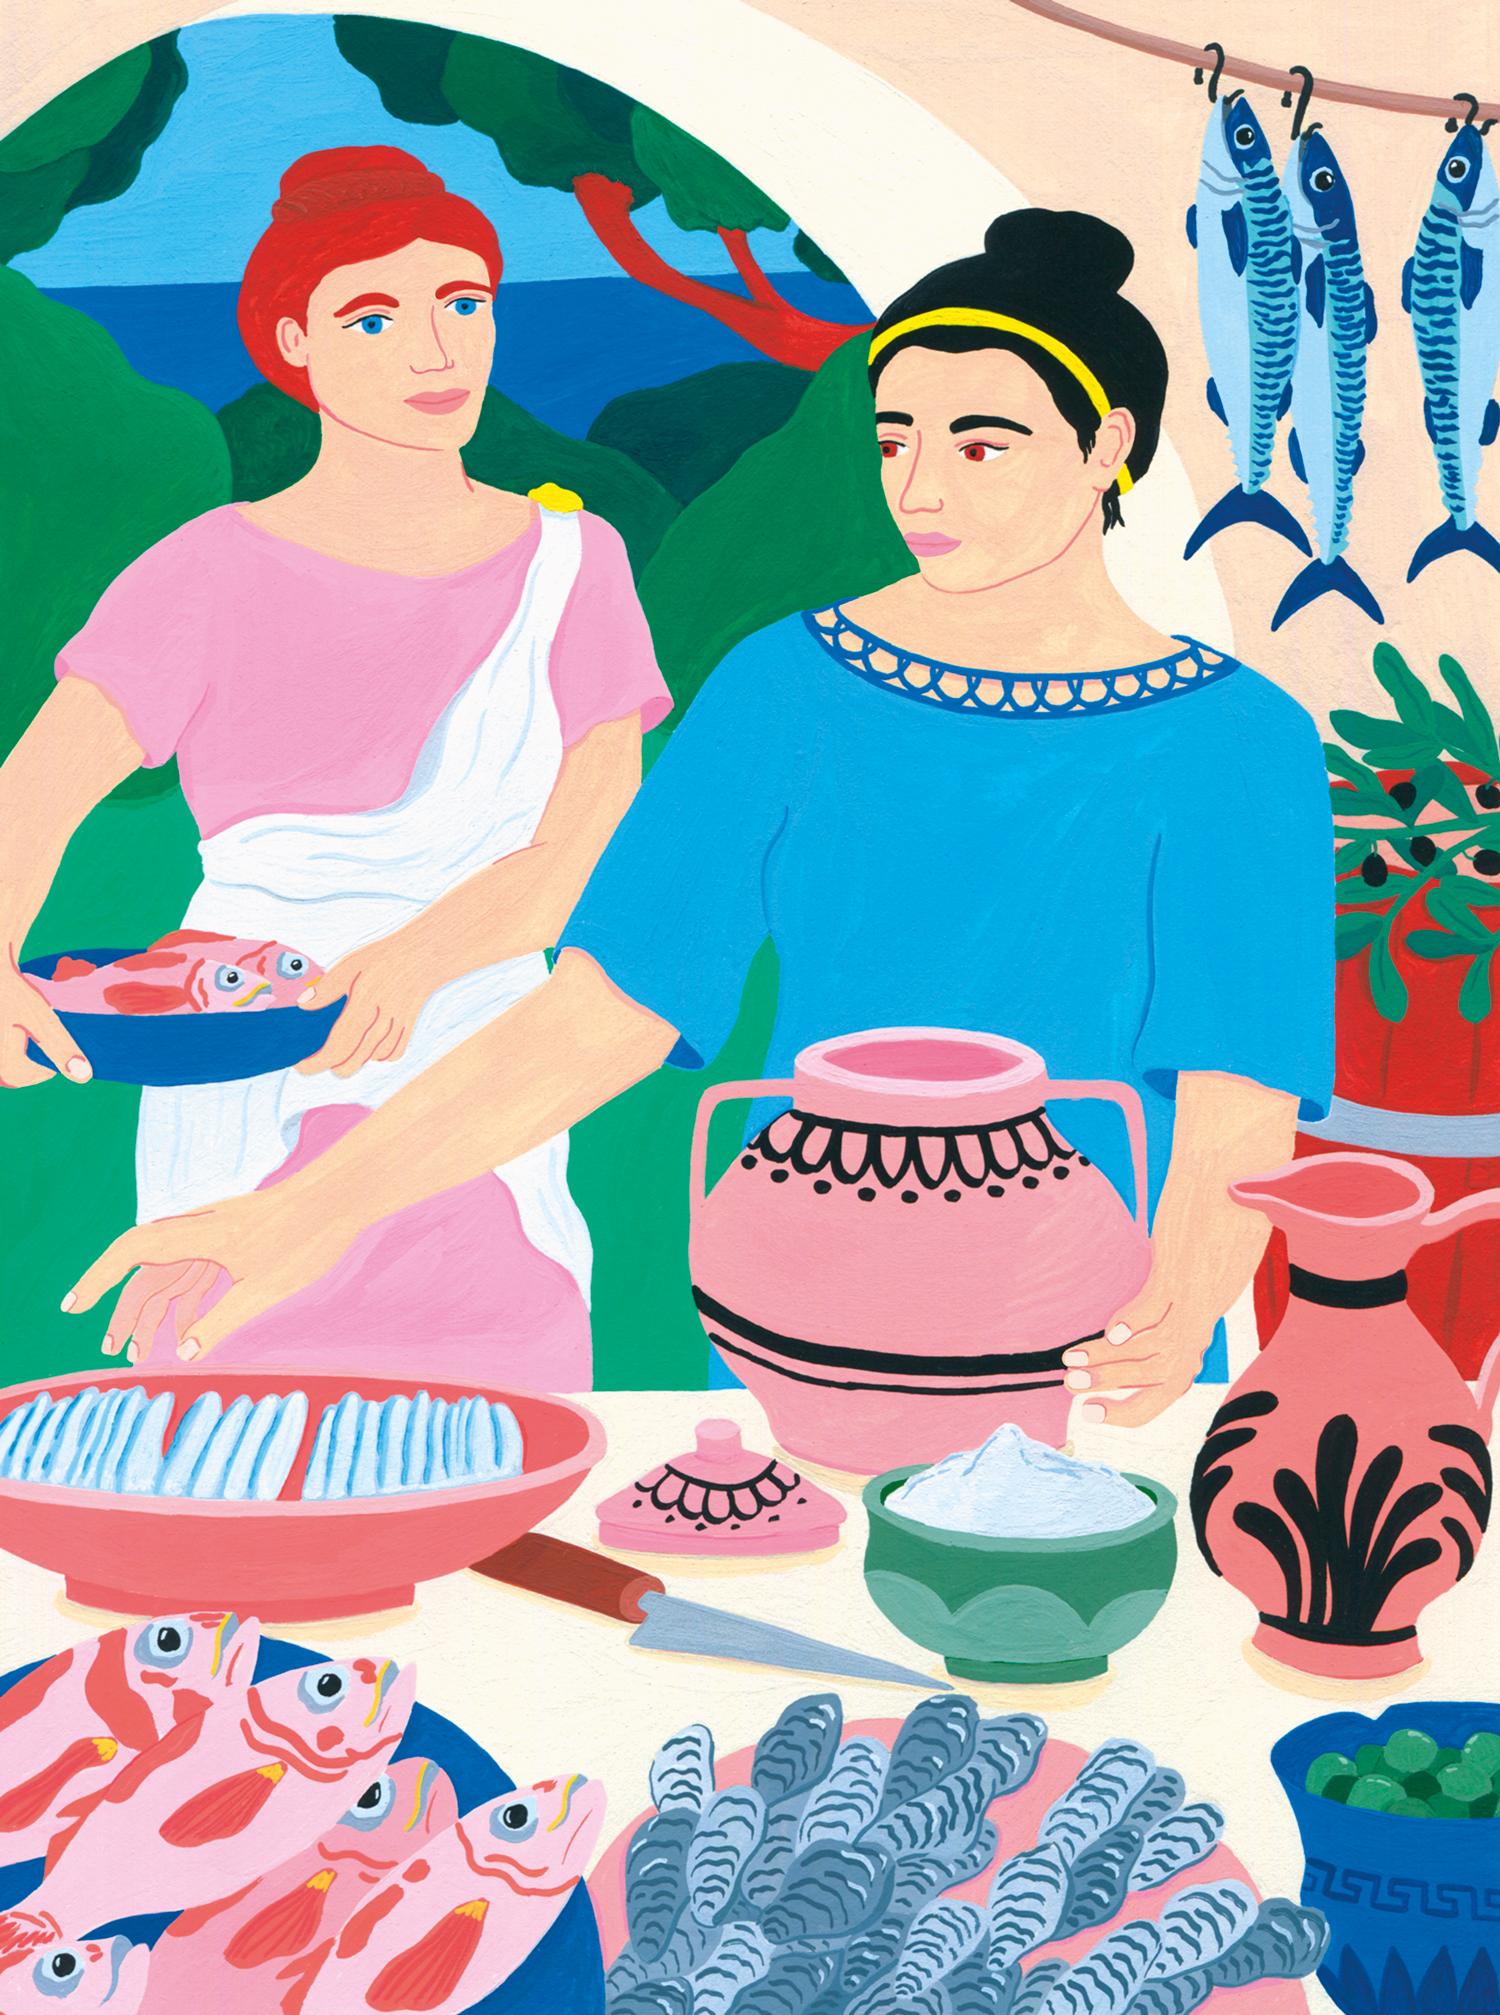 Marie-pellet-illustrations-portfolio-gouache-illustration éditoriale-ilotmagazine-magazine-presse-cuisine-chef-poisson-repas-sauces poissons